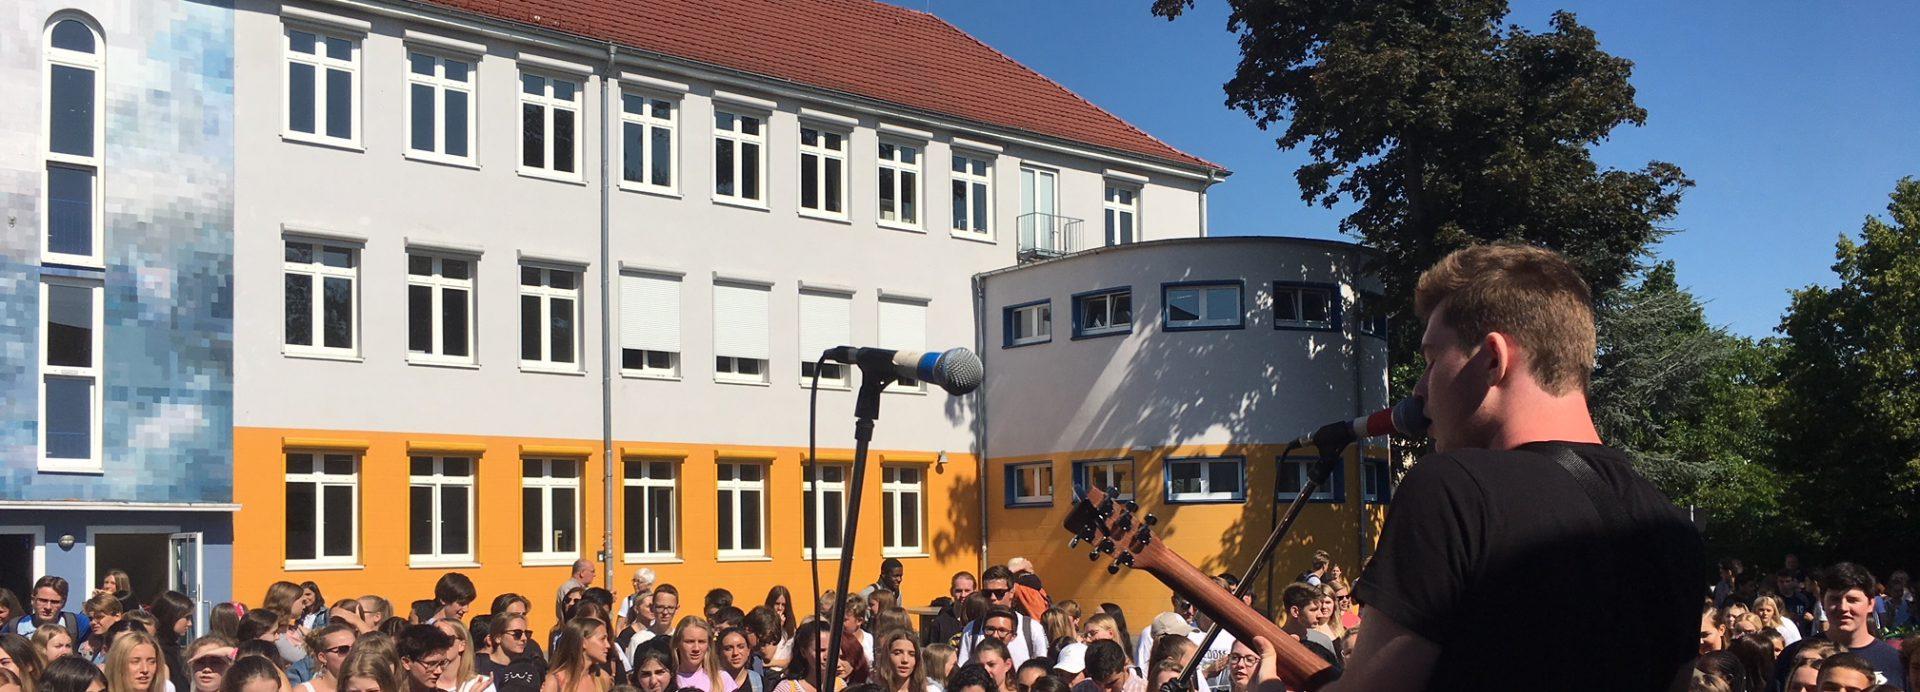 Grafschafter Gymnasium Moers